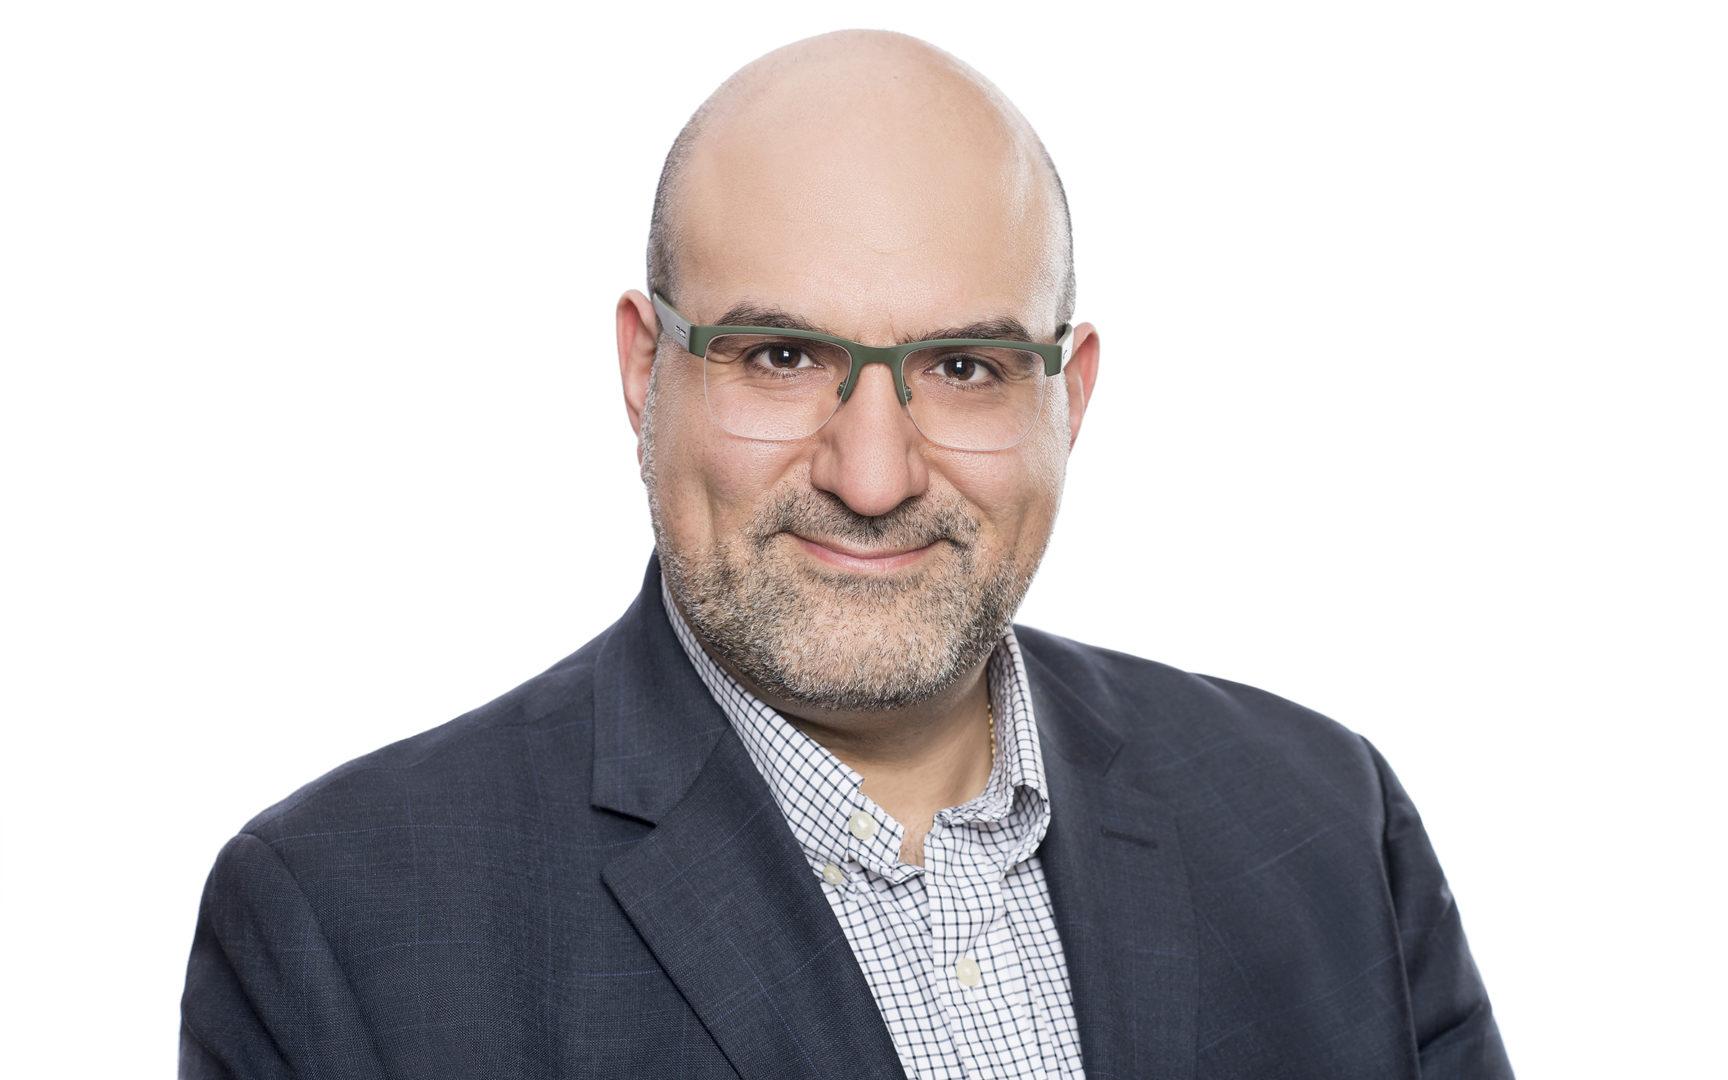 Dr. Nicholas M. Makhoul